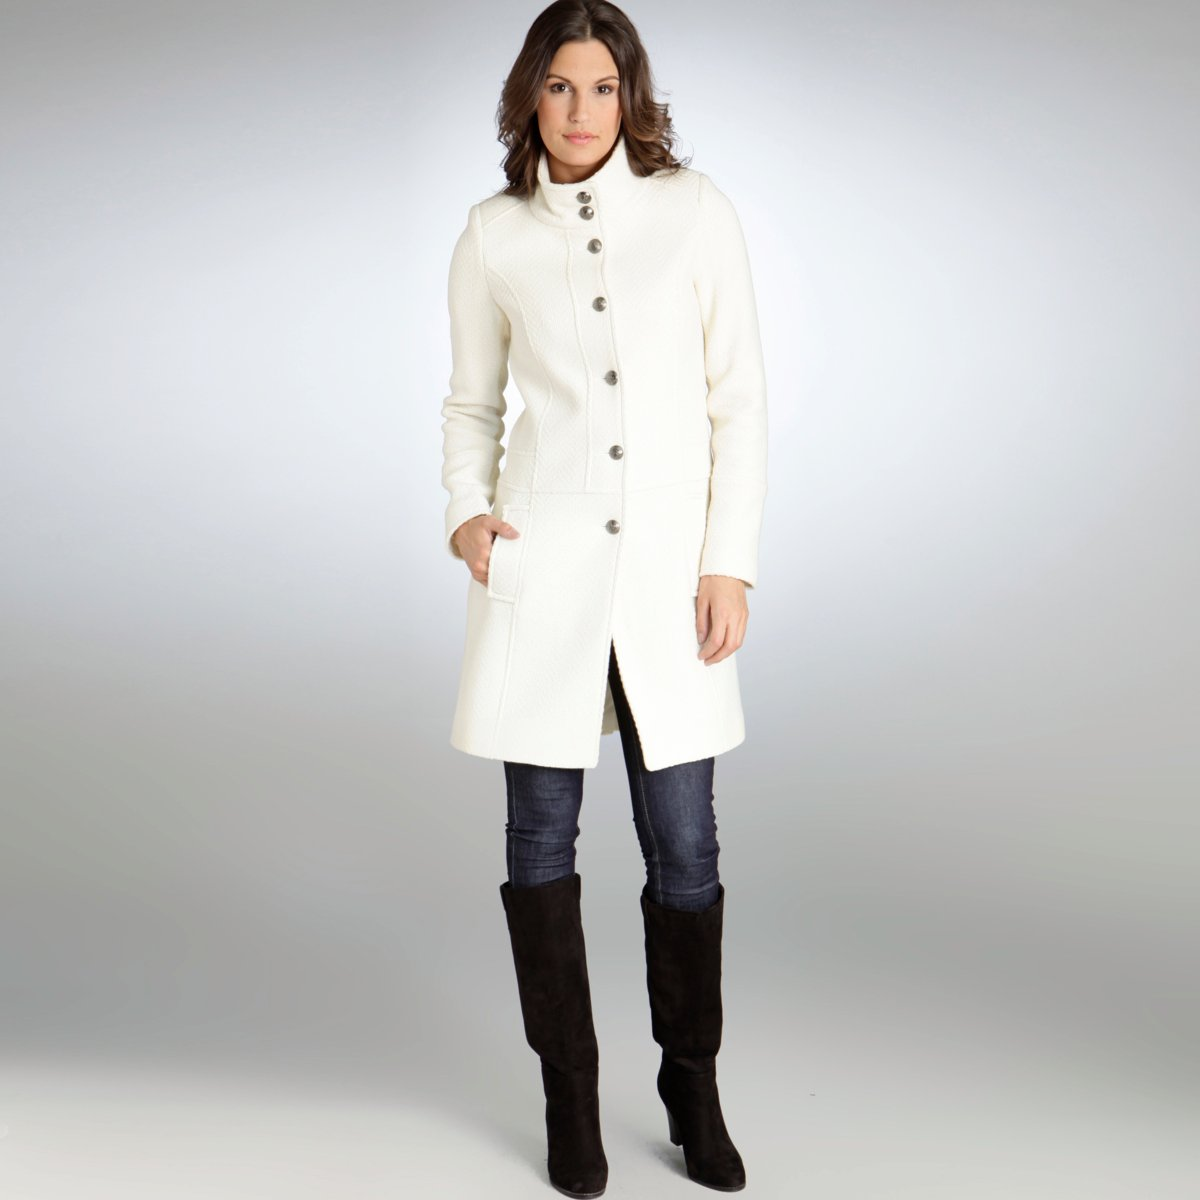 Manteau femme chaud soldes